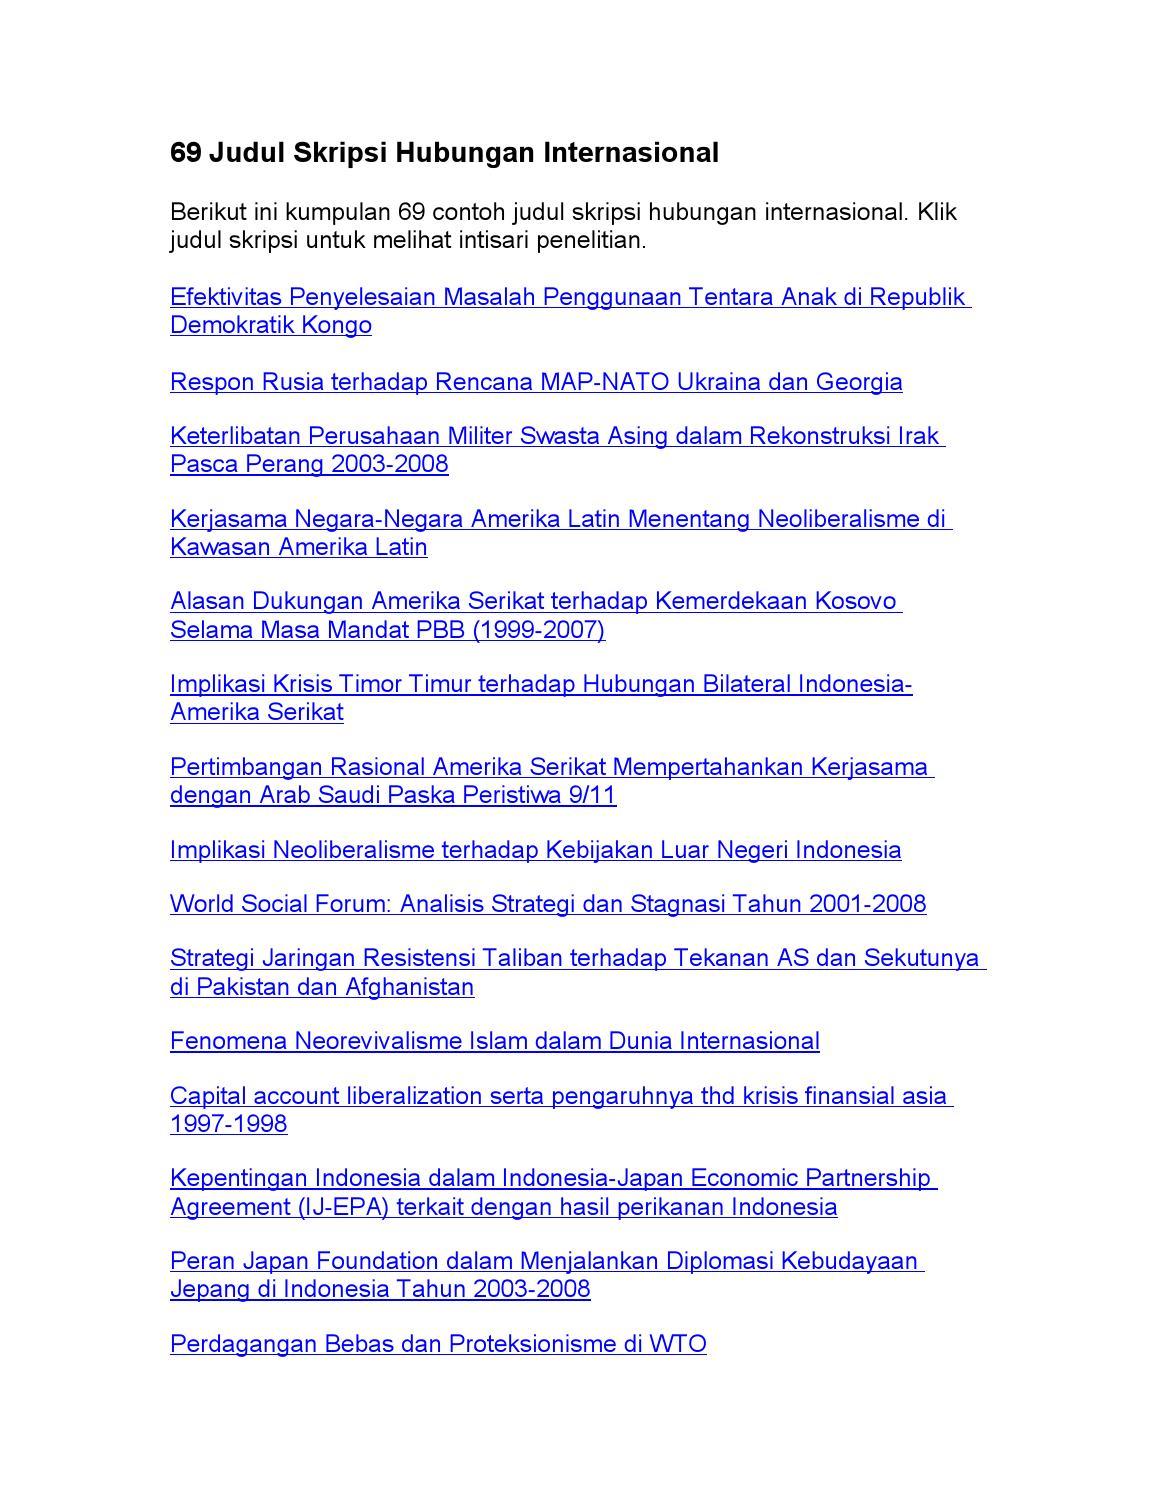 69 Skripsi Hubungan Internasional By Judul Skripsi Issuu